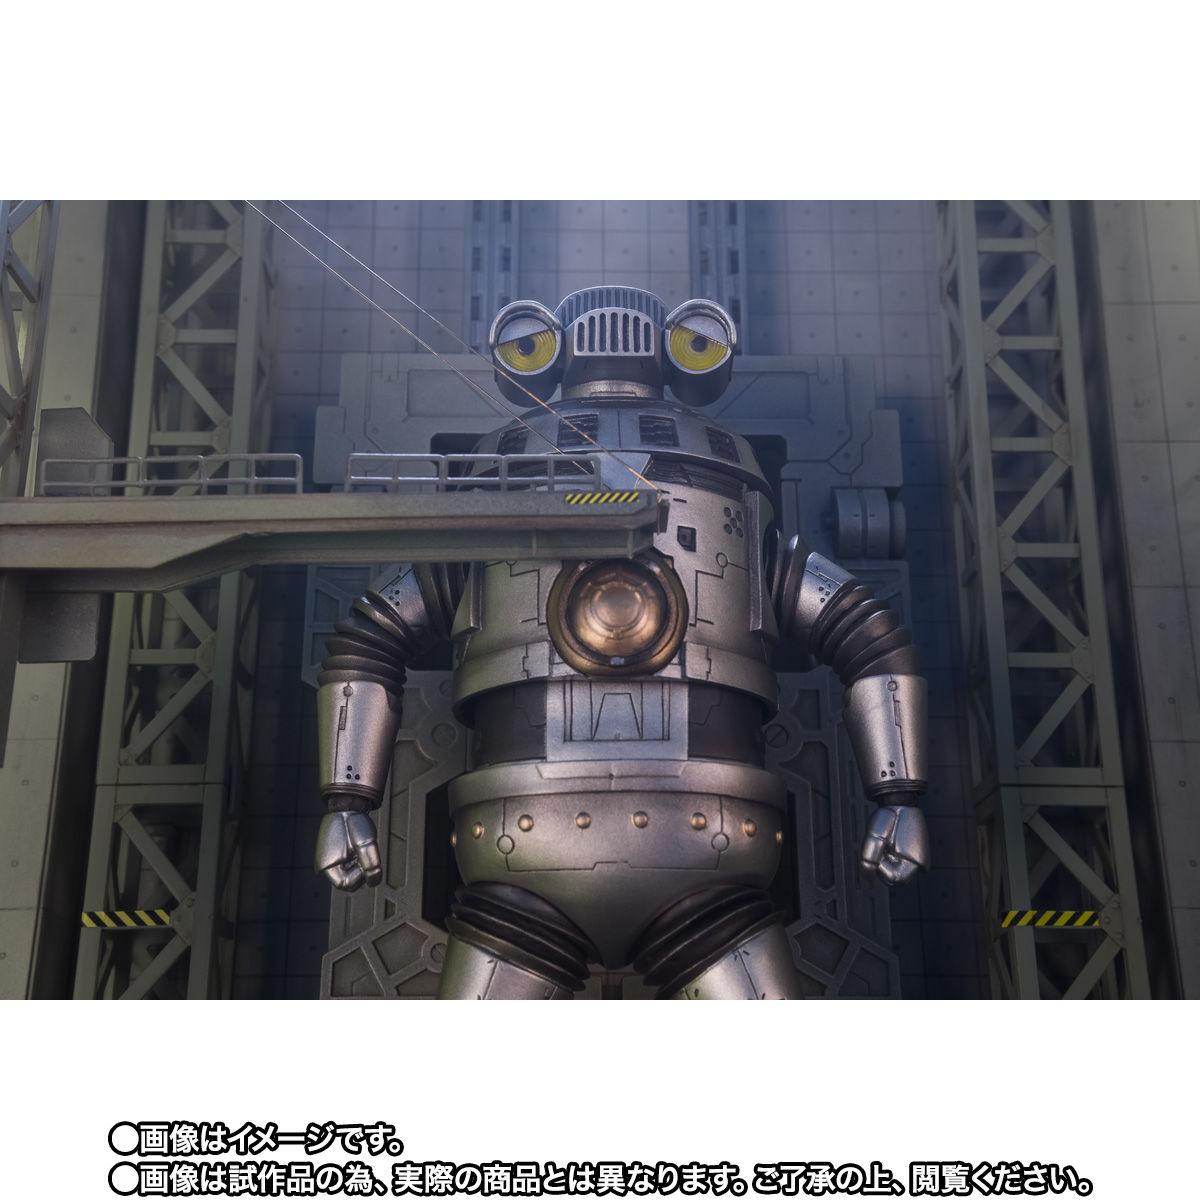 【限定販売】S.H.Figuarts『対怪獣特殊空挺機甲1号機 セブンガー』ウルトラマンZ 可動フィギュア-002